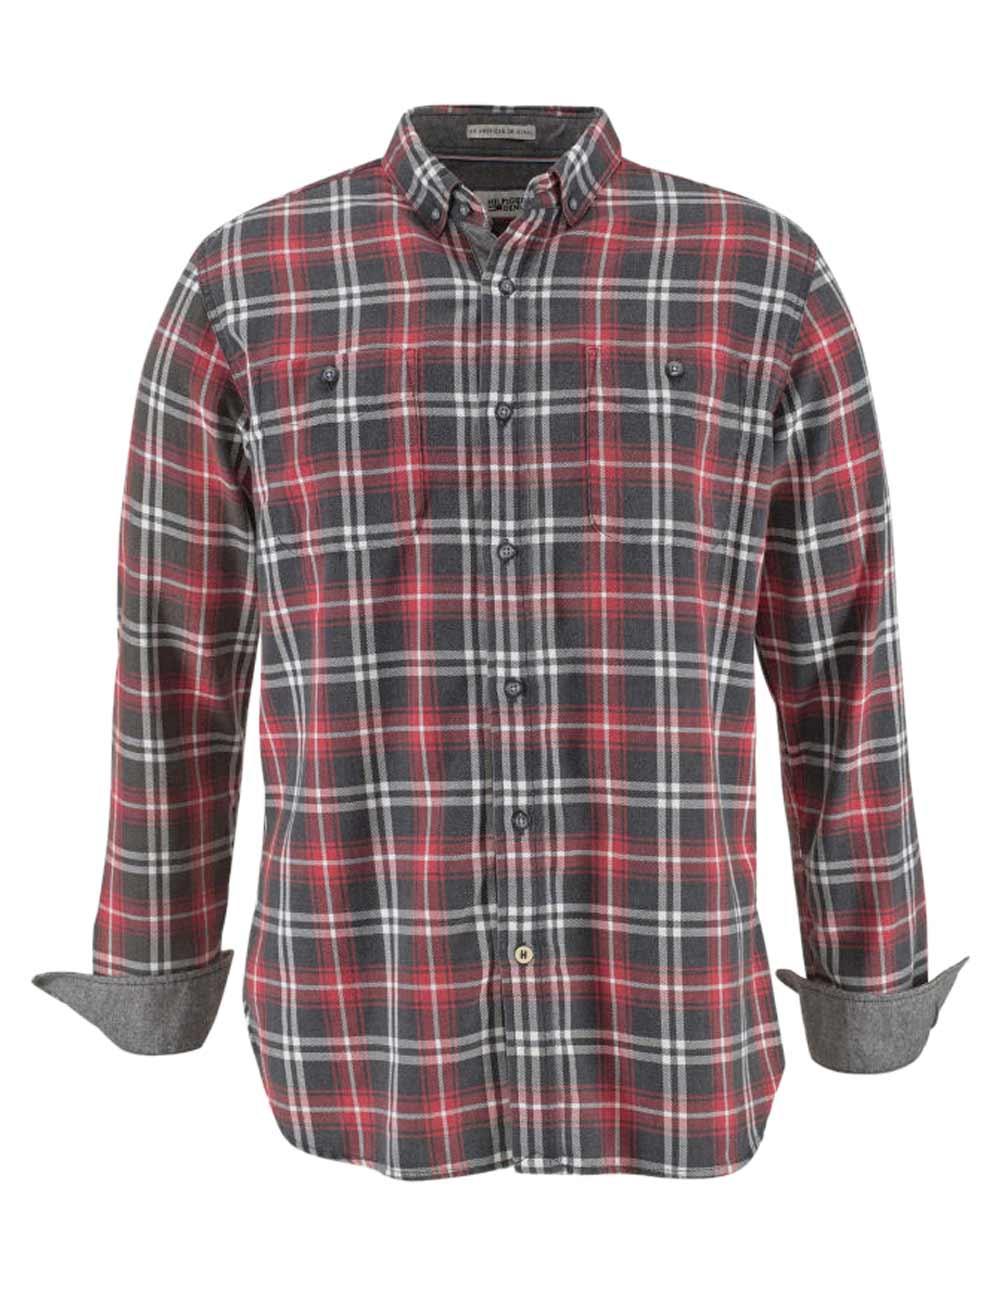 Skladem Pánská značková kostkovaná košile TOMMY HILFIGER (vel.XXL skladem) 4a5280d561